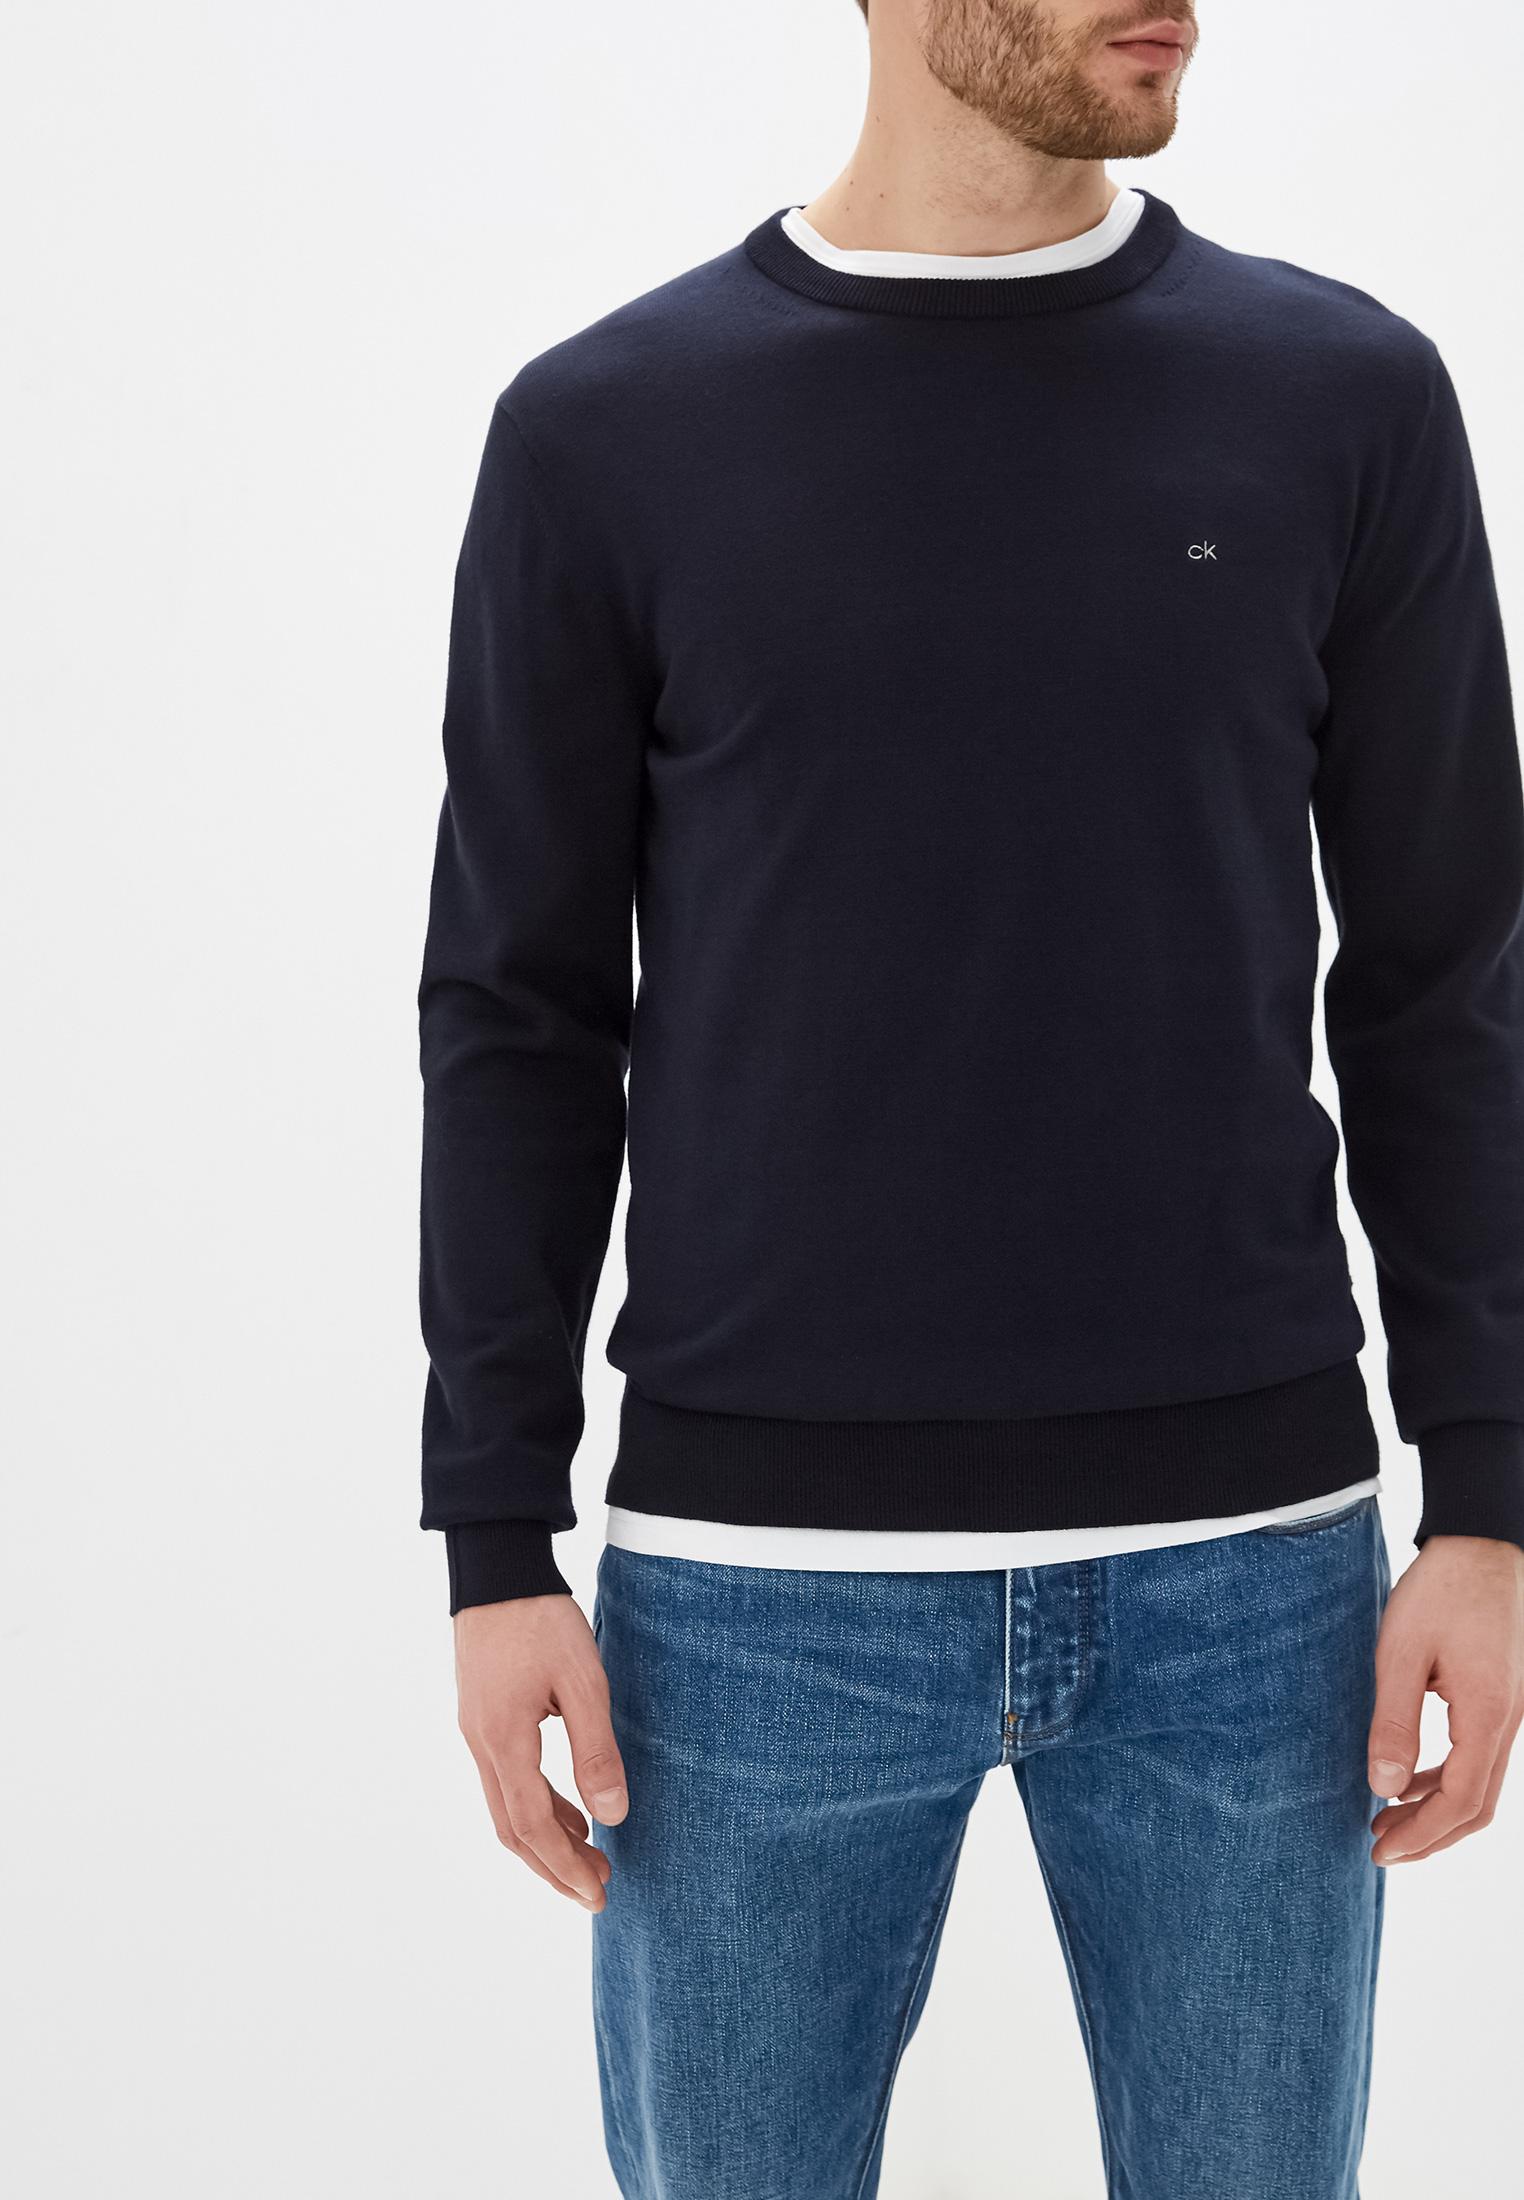 Джемпер Calvin Klein (Кельвин Кляйн) K10K104920: изображение 1